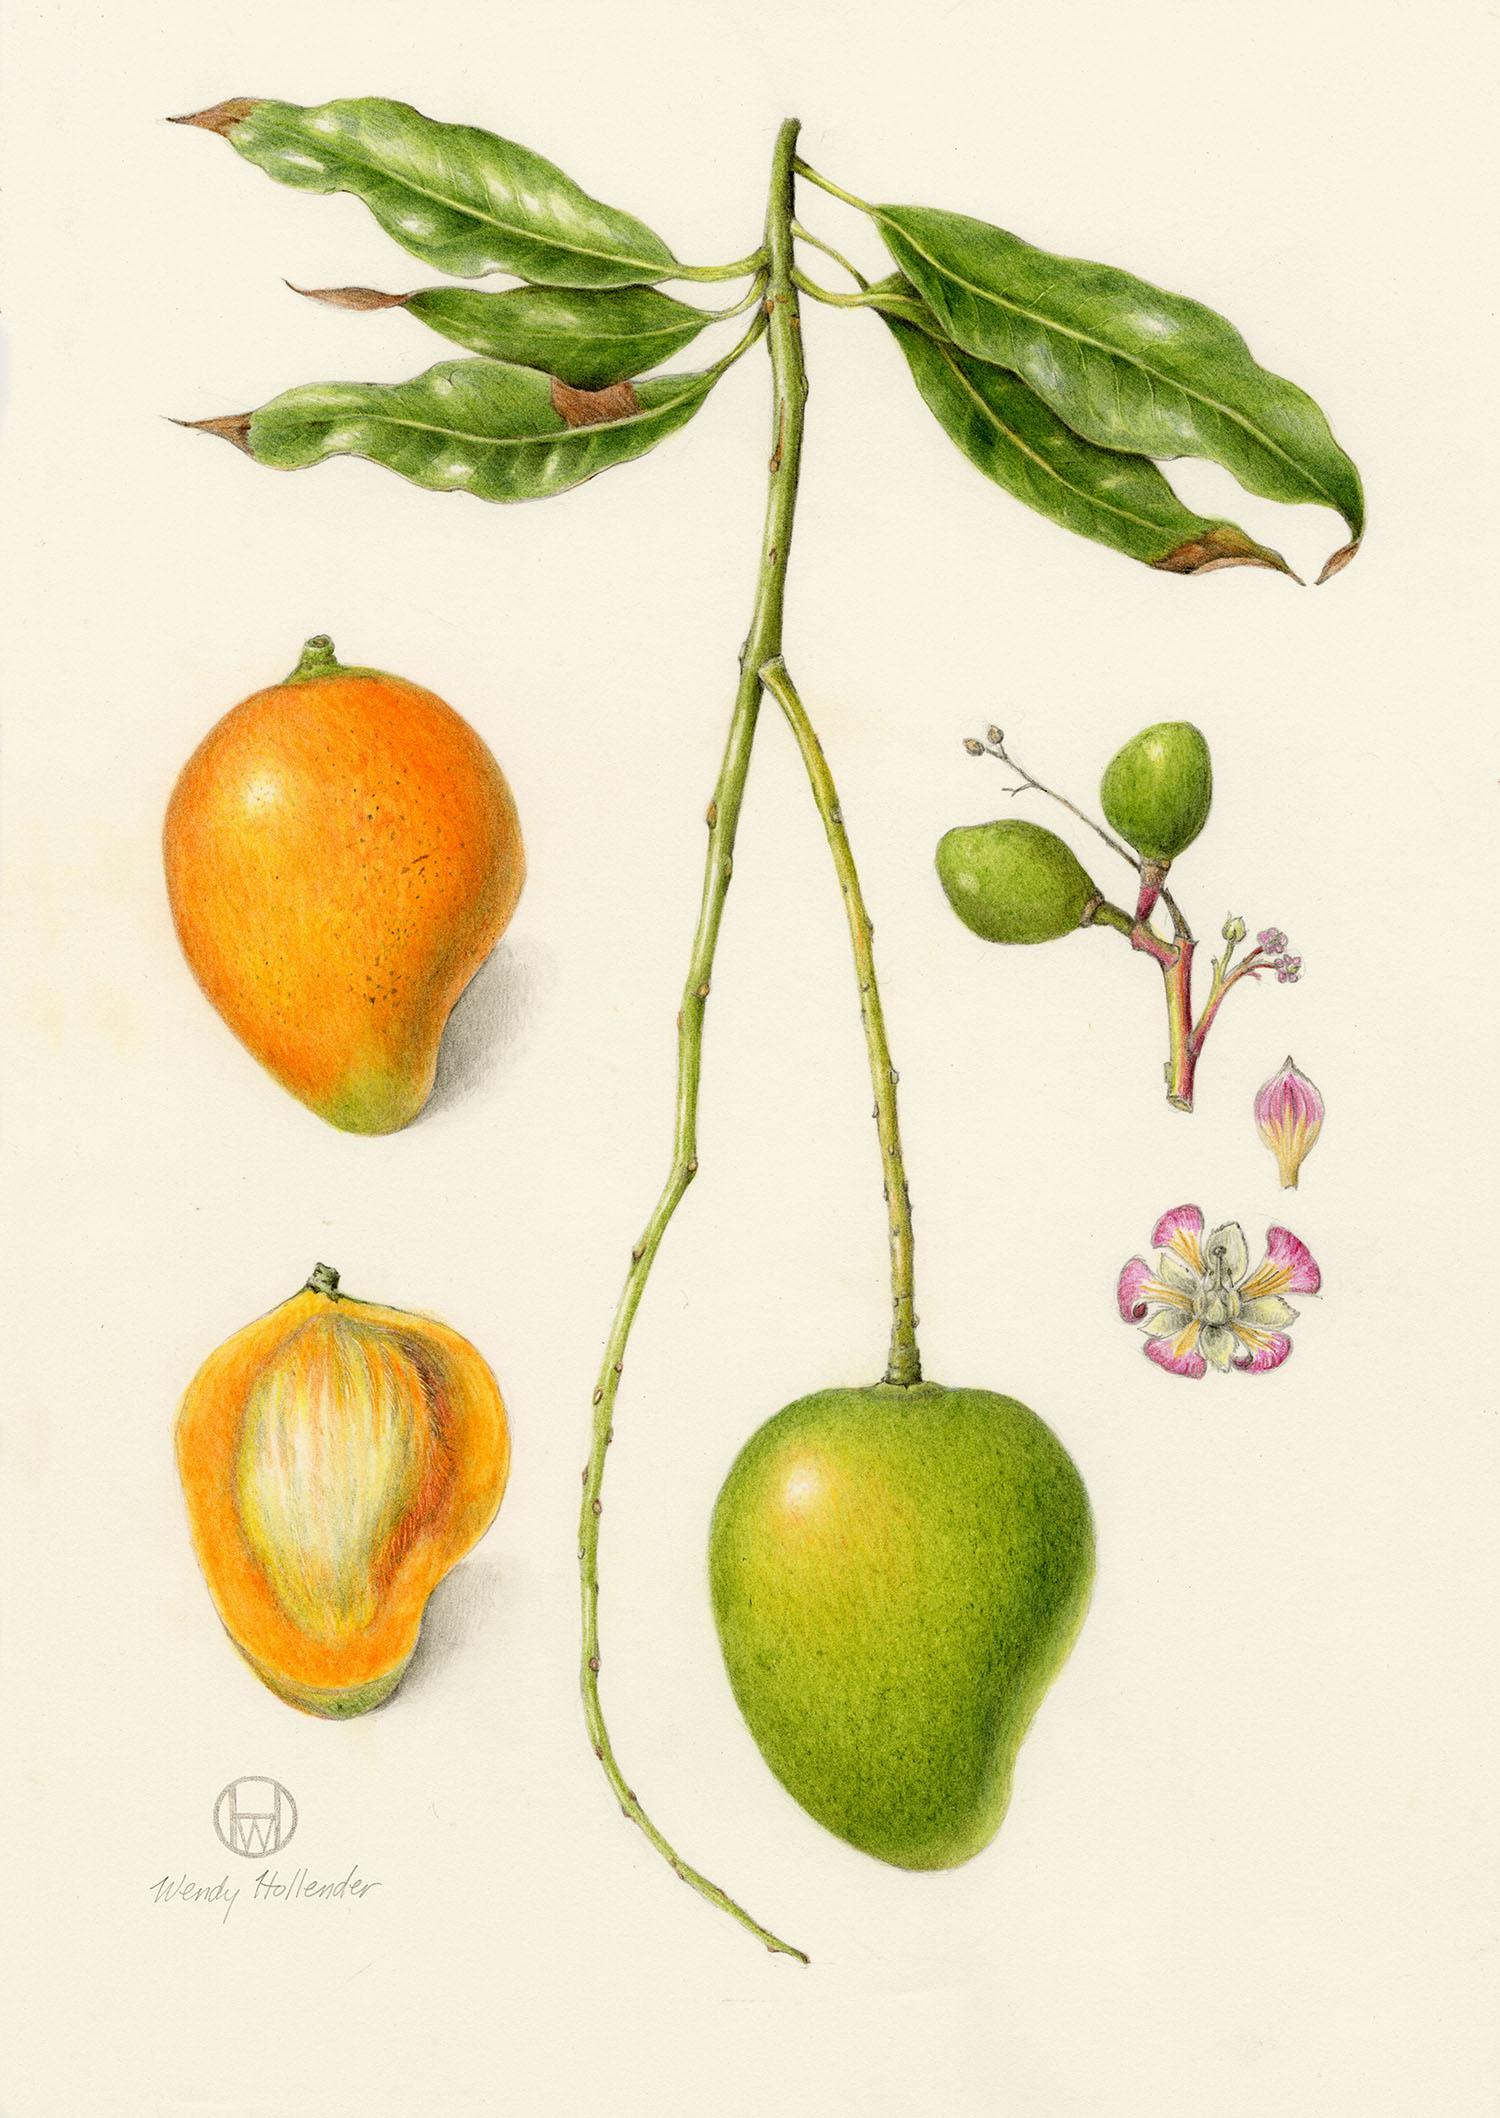 Mango - Mangifera indica